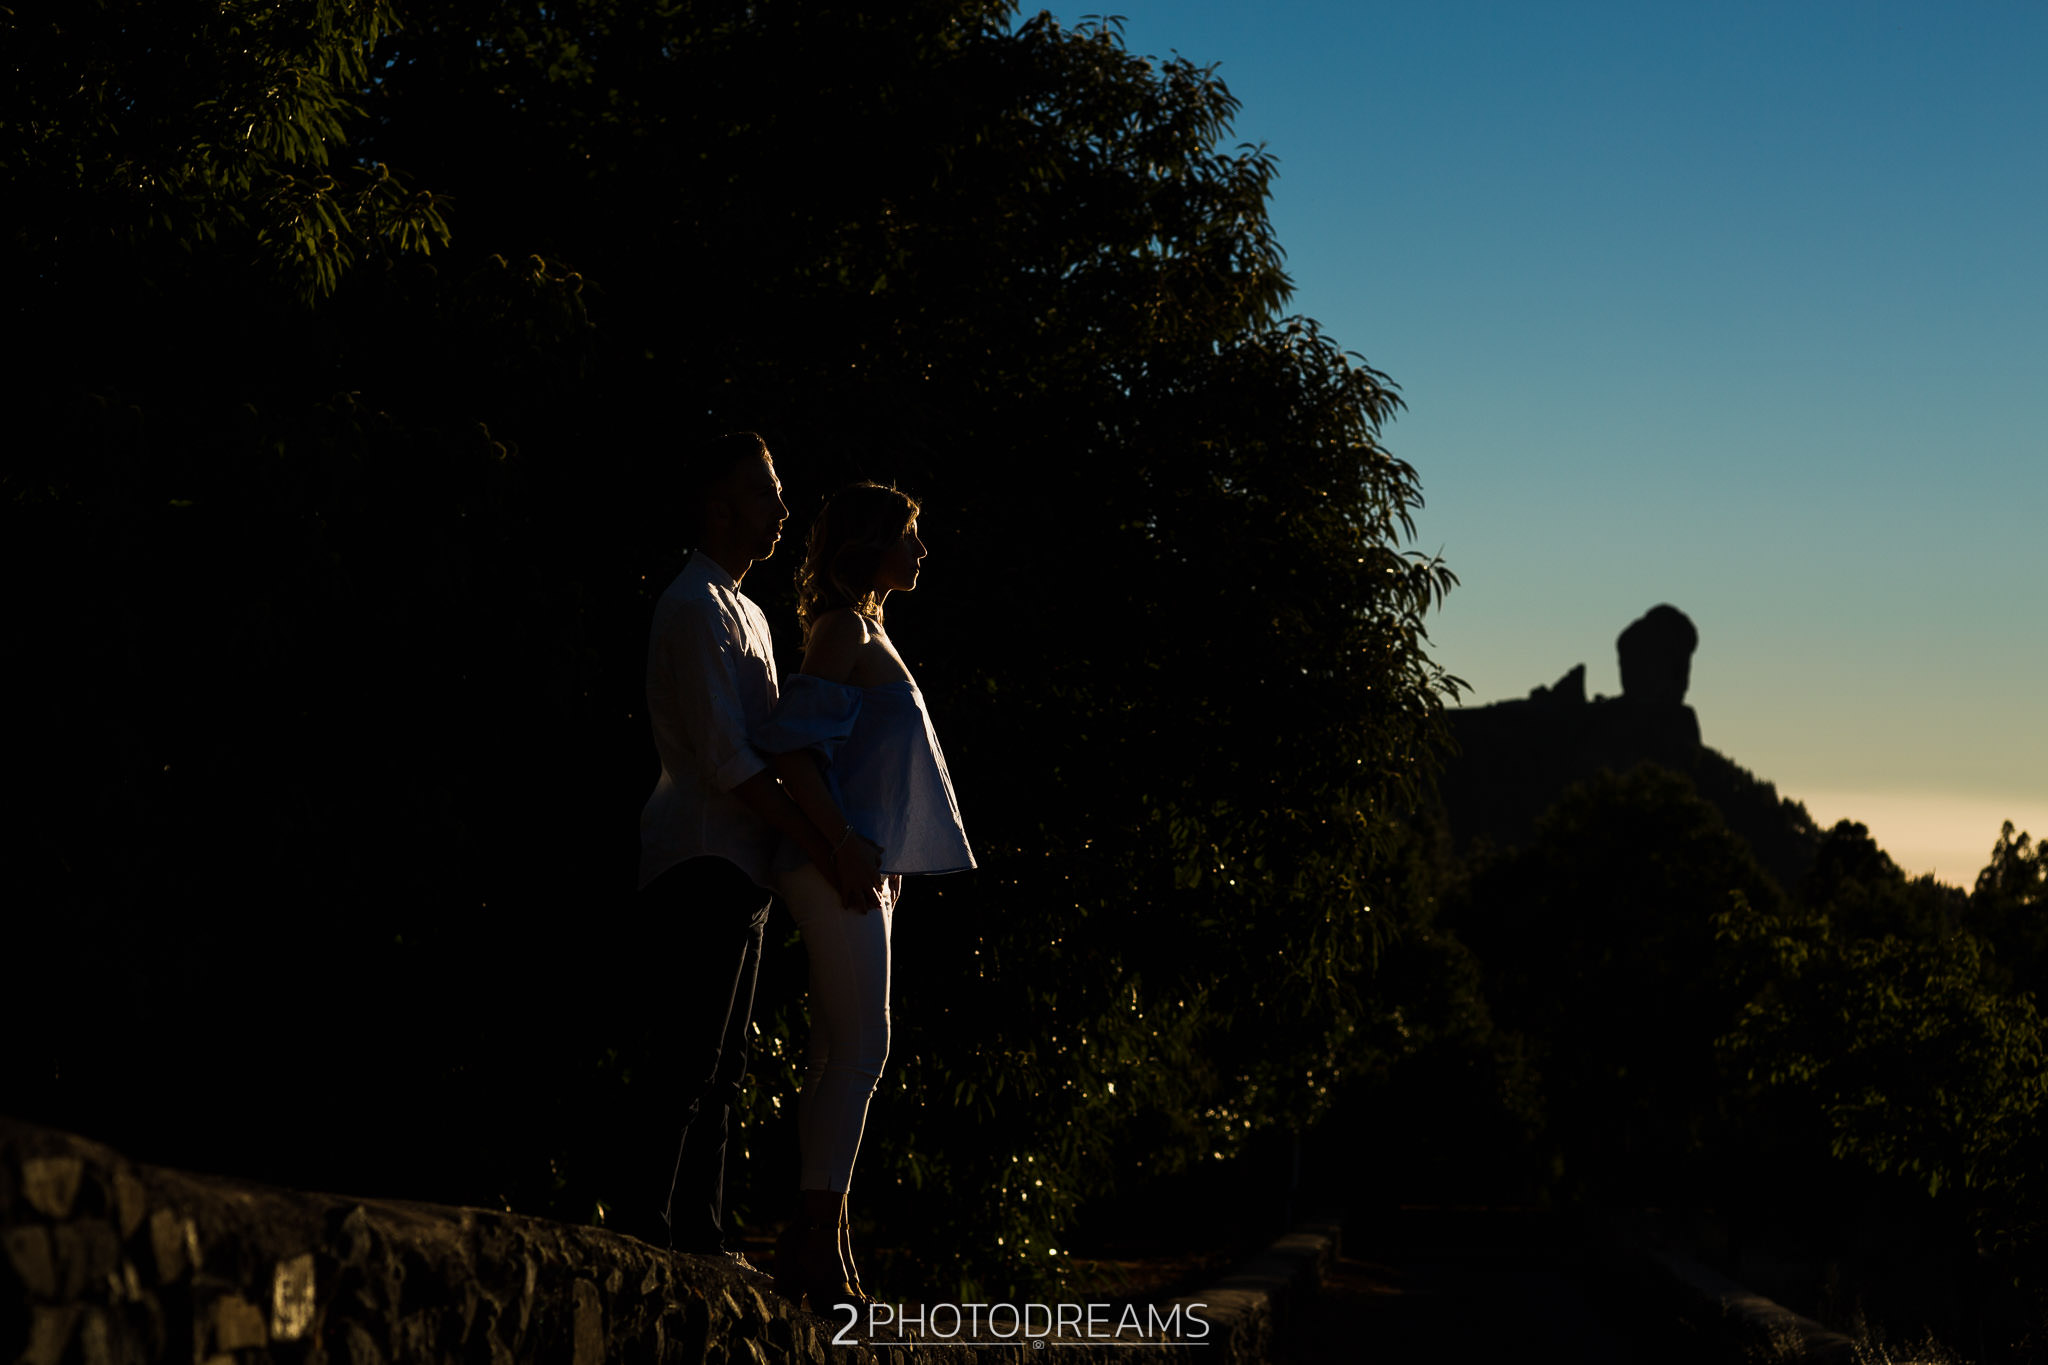 Wedding photographer Peak District Derbyshire